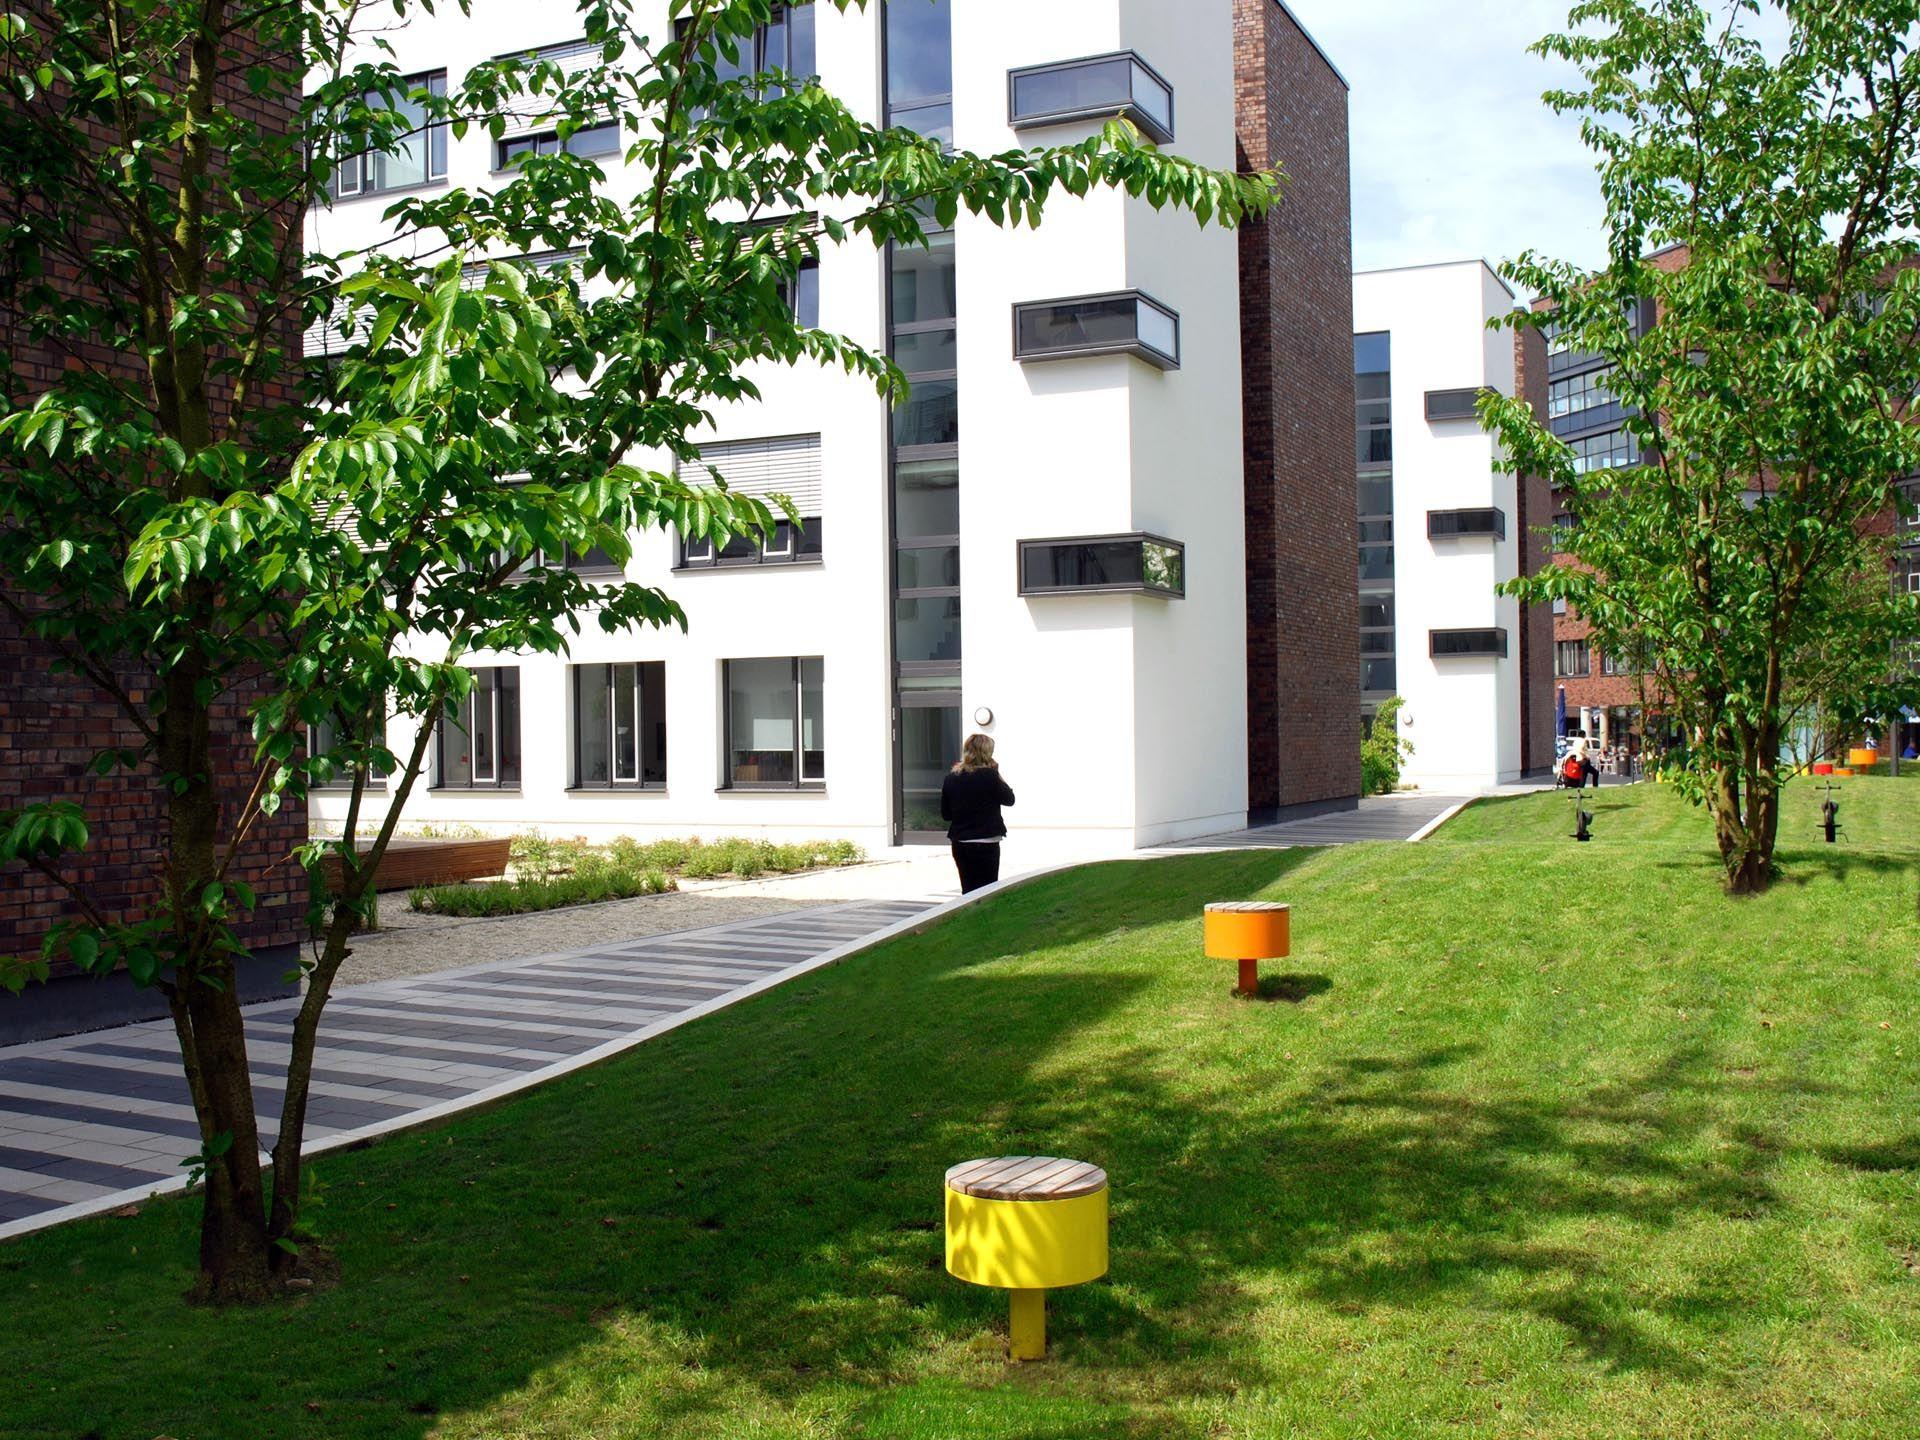 Scape Landschaftsarchitekten Gmbh Rathausplatz Solingen Landschaftsarchitekt Landschaftsplanung Landschaftsbau